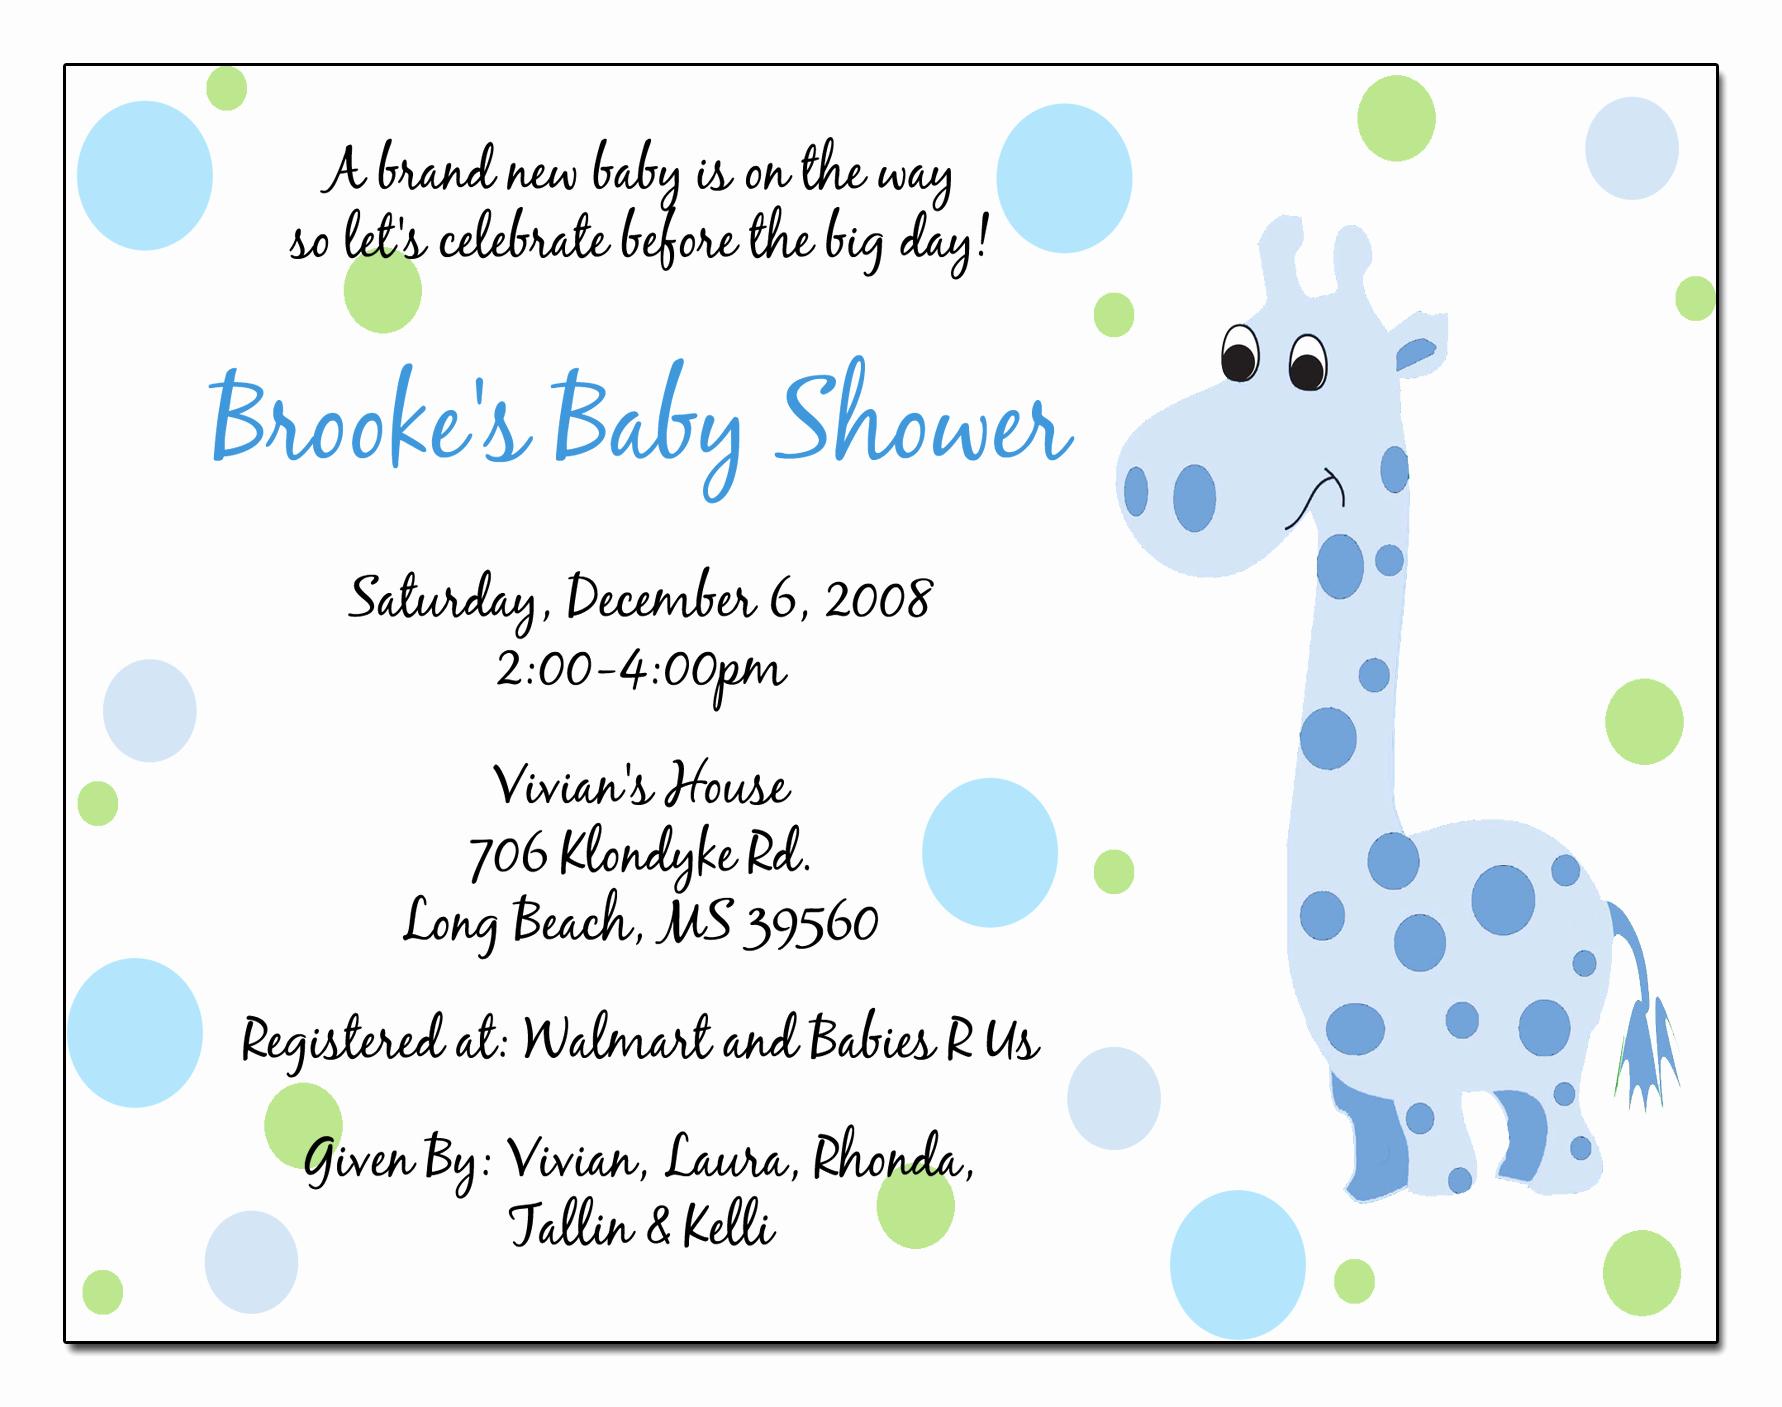 Baby Boy Shower Invitation Wording Elegant Baby Boy Shower Invitations Wording Ideas